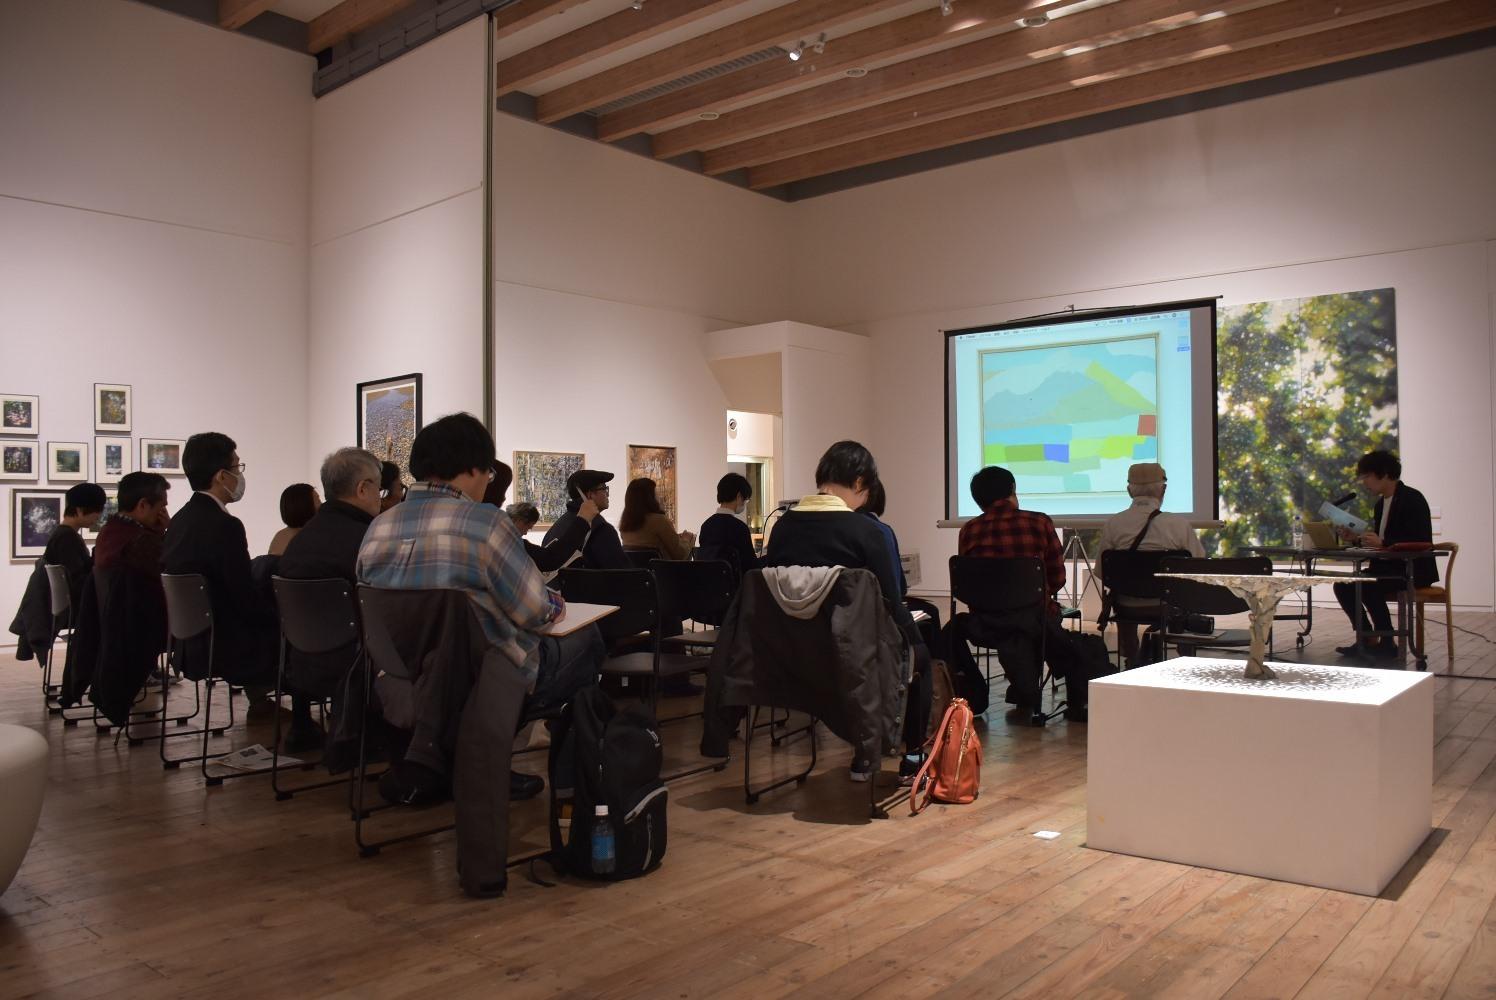 やさしい鑑賞講座「絵画の現在(いま)を楽しむ」を開催しました。_c0222139_10025679.jpg